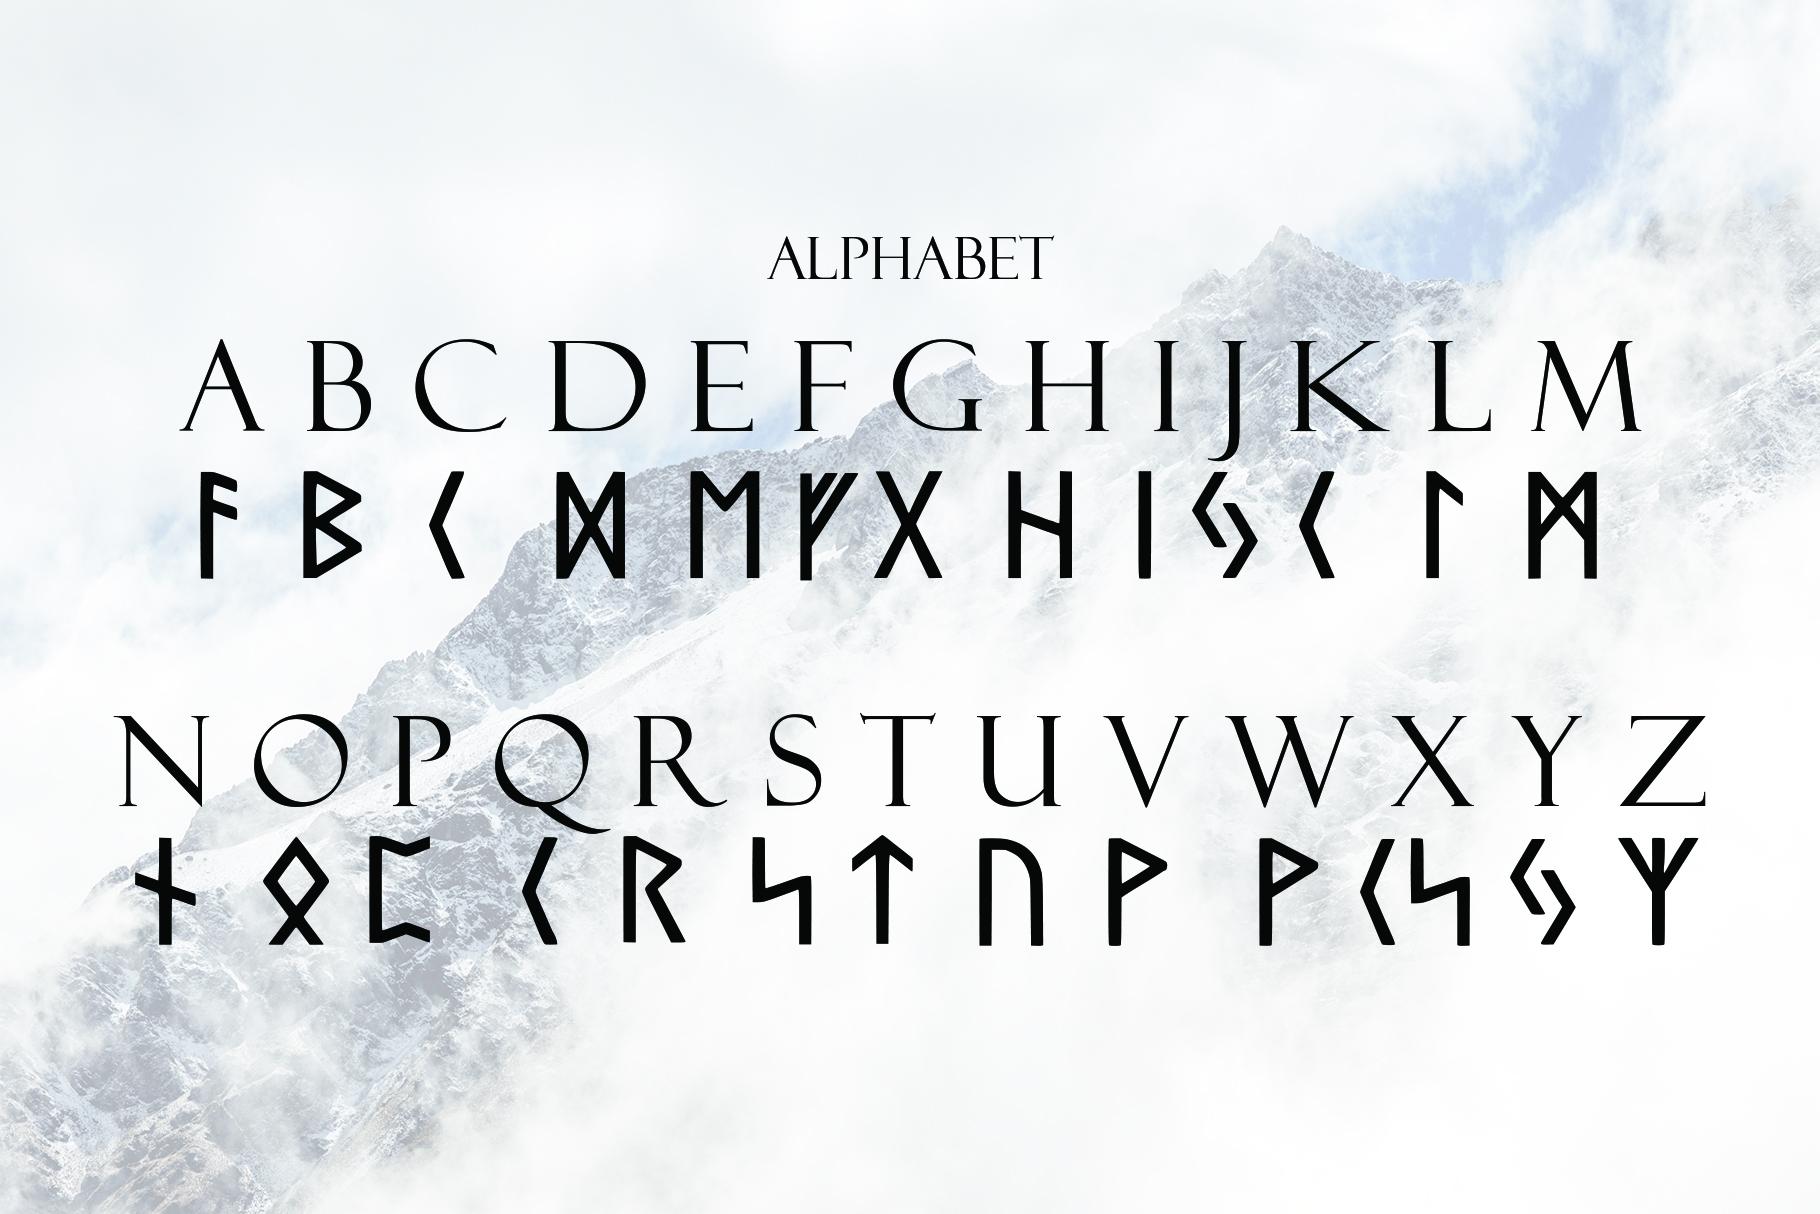 Norse Elder Futhark Typeface example image 4